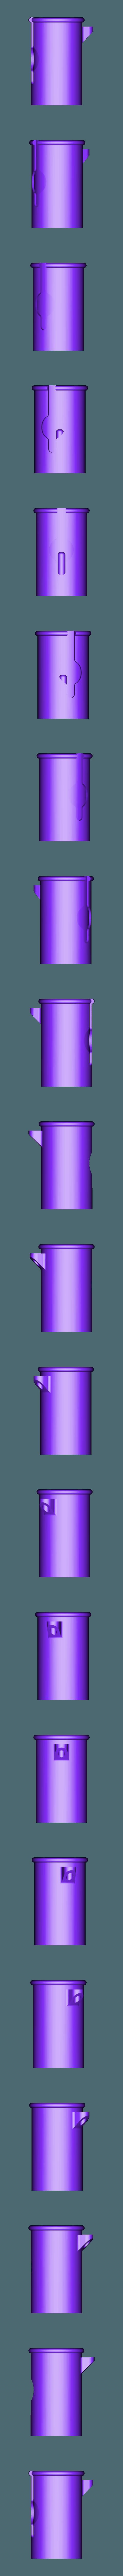 Bag_Holder_Canister.STL Download free STL file Multi-Color Dog Poop Bag Dispenser • 3D print template, MosaicManufacturing